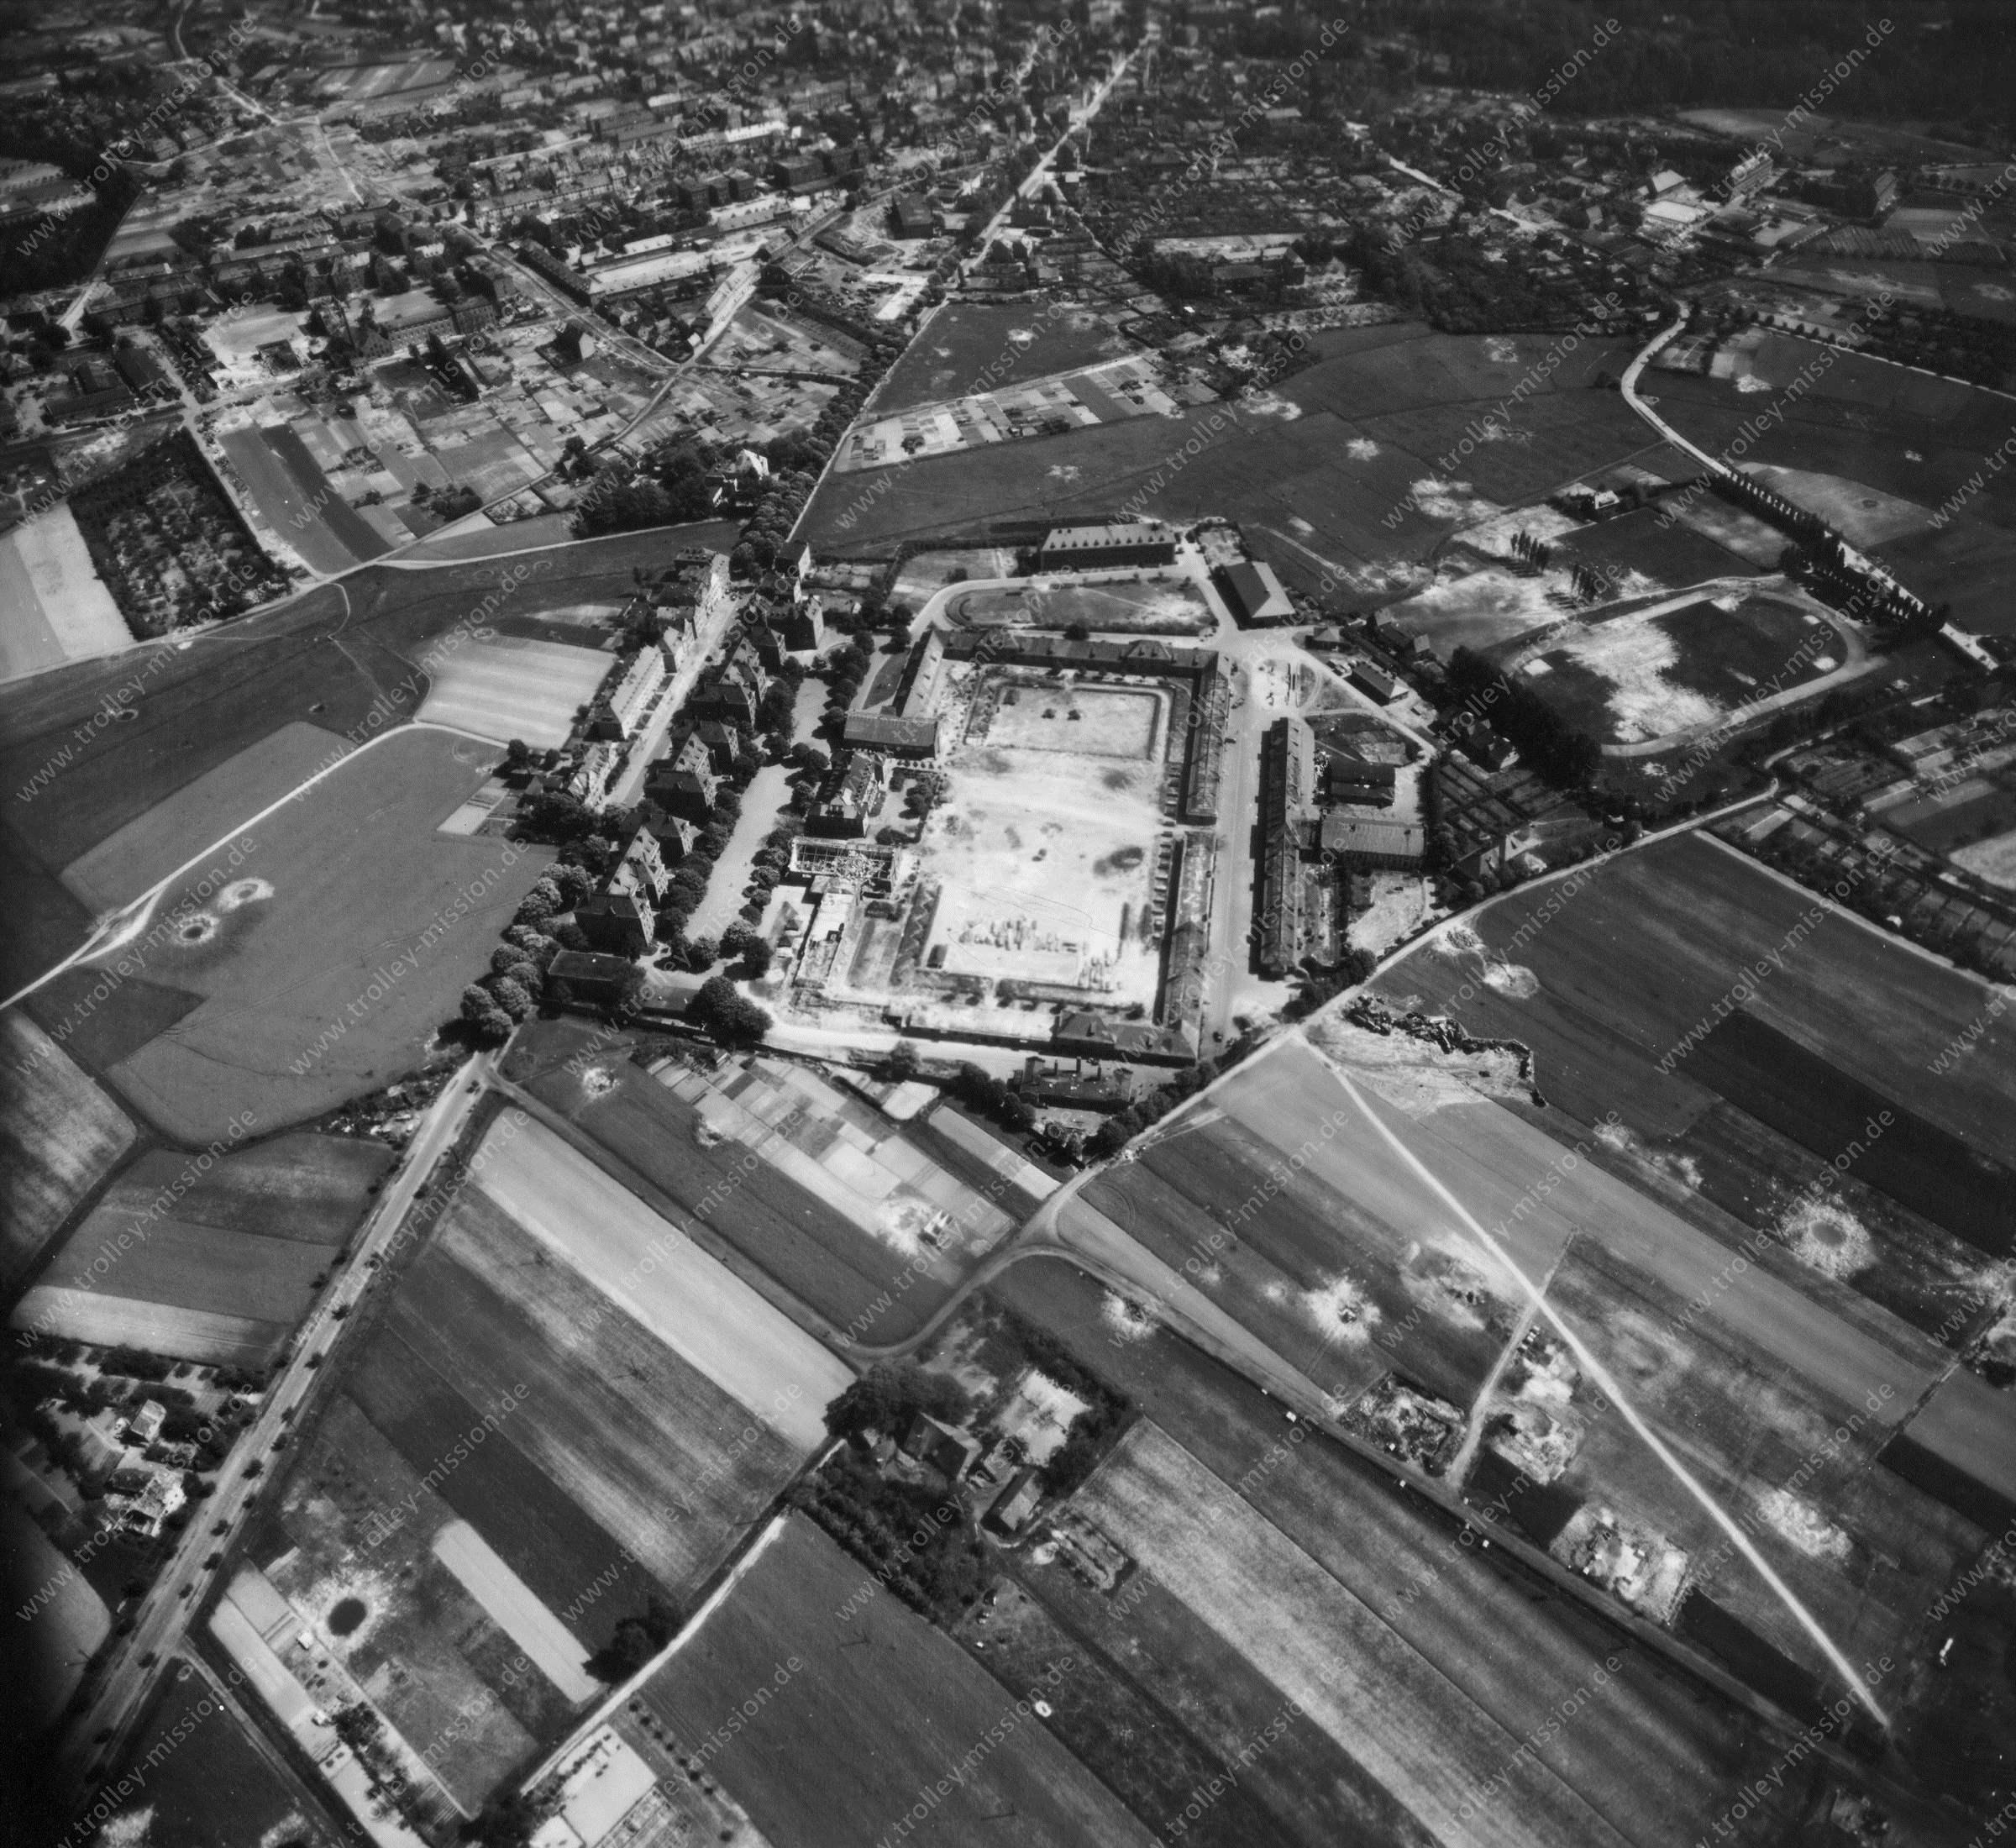 Luftbild von Münster am 12. Mai 1945 - Luftbildserie 2/11 der US Air Force